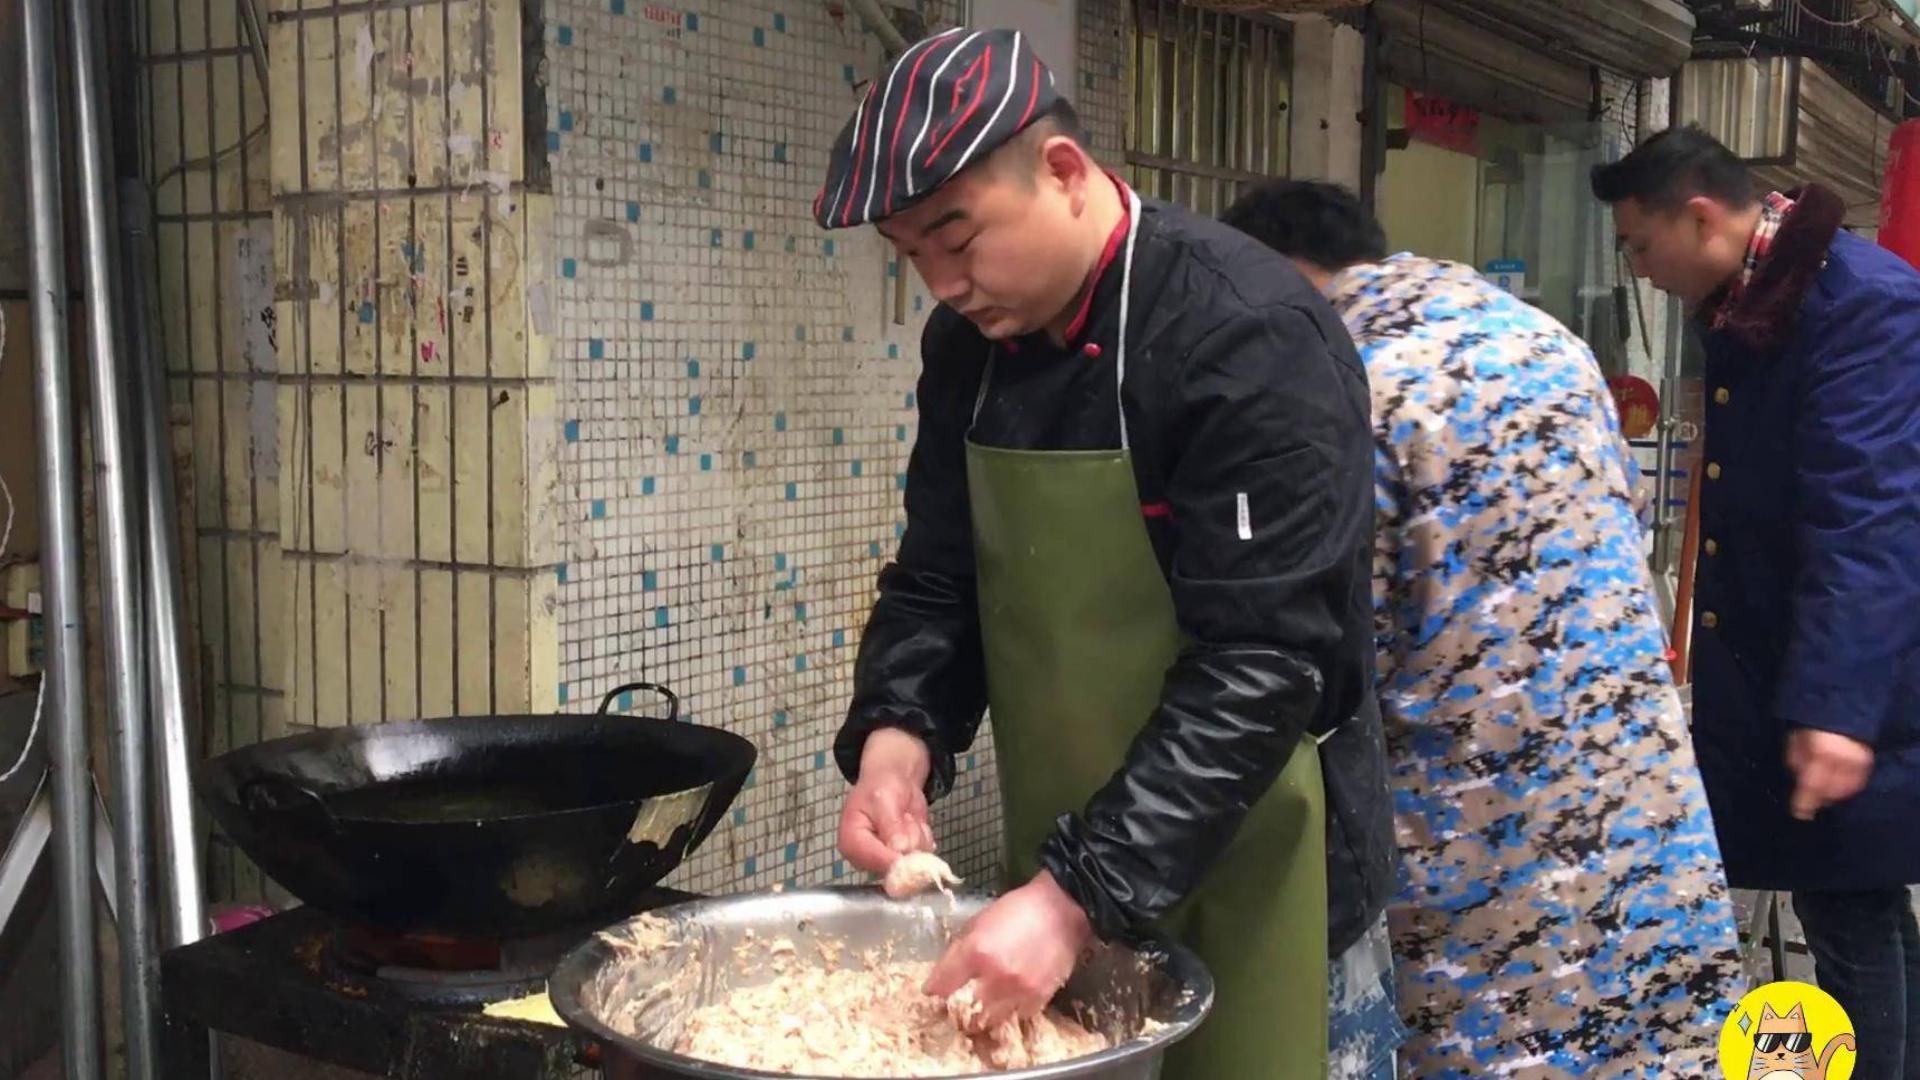 退伍小伙做肉丸6年,一天卖20锅,顾客围着买,地道武汉传统美食